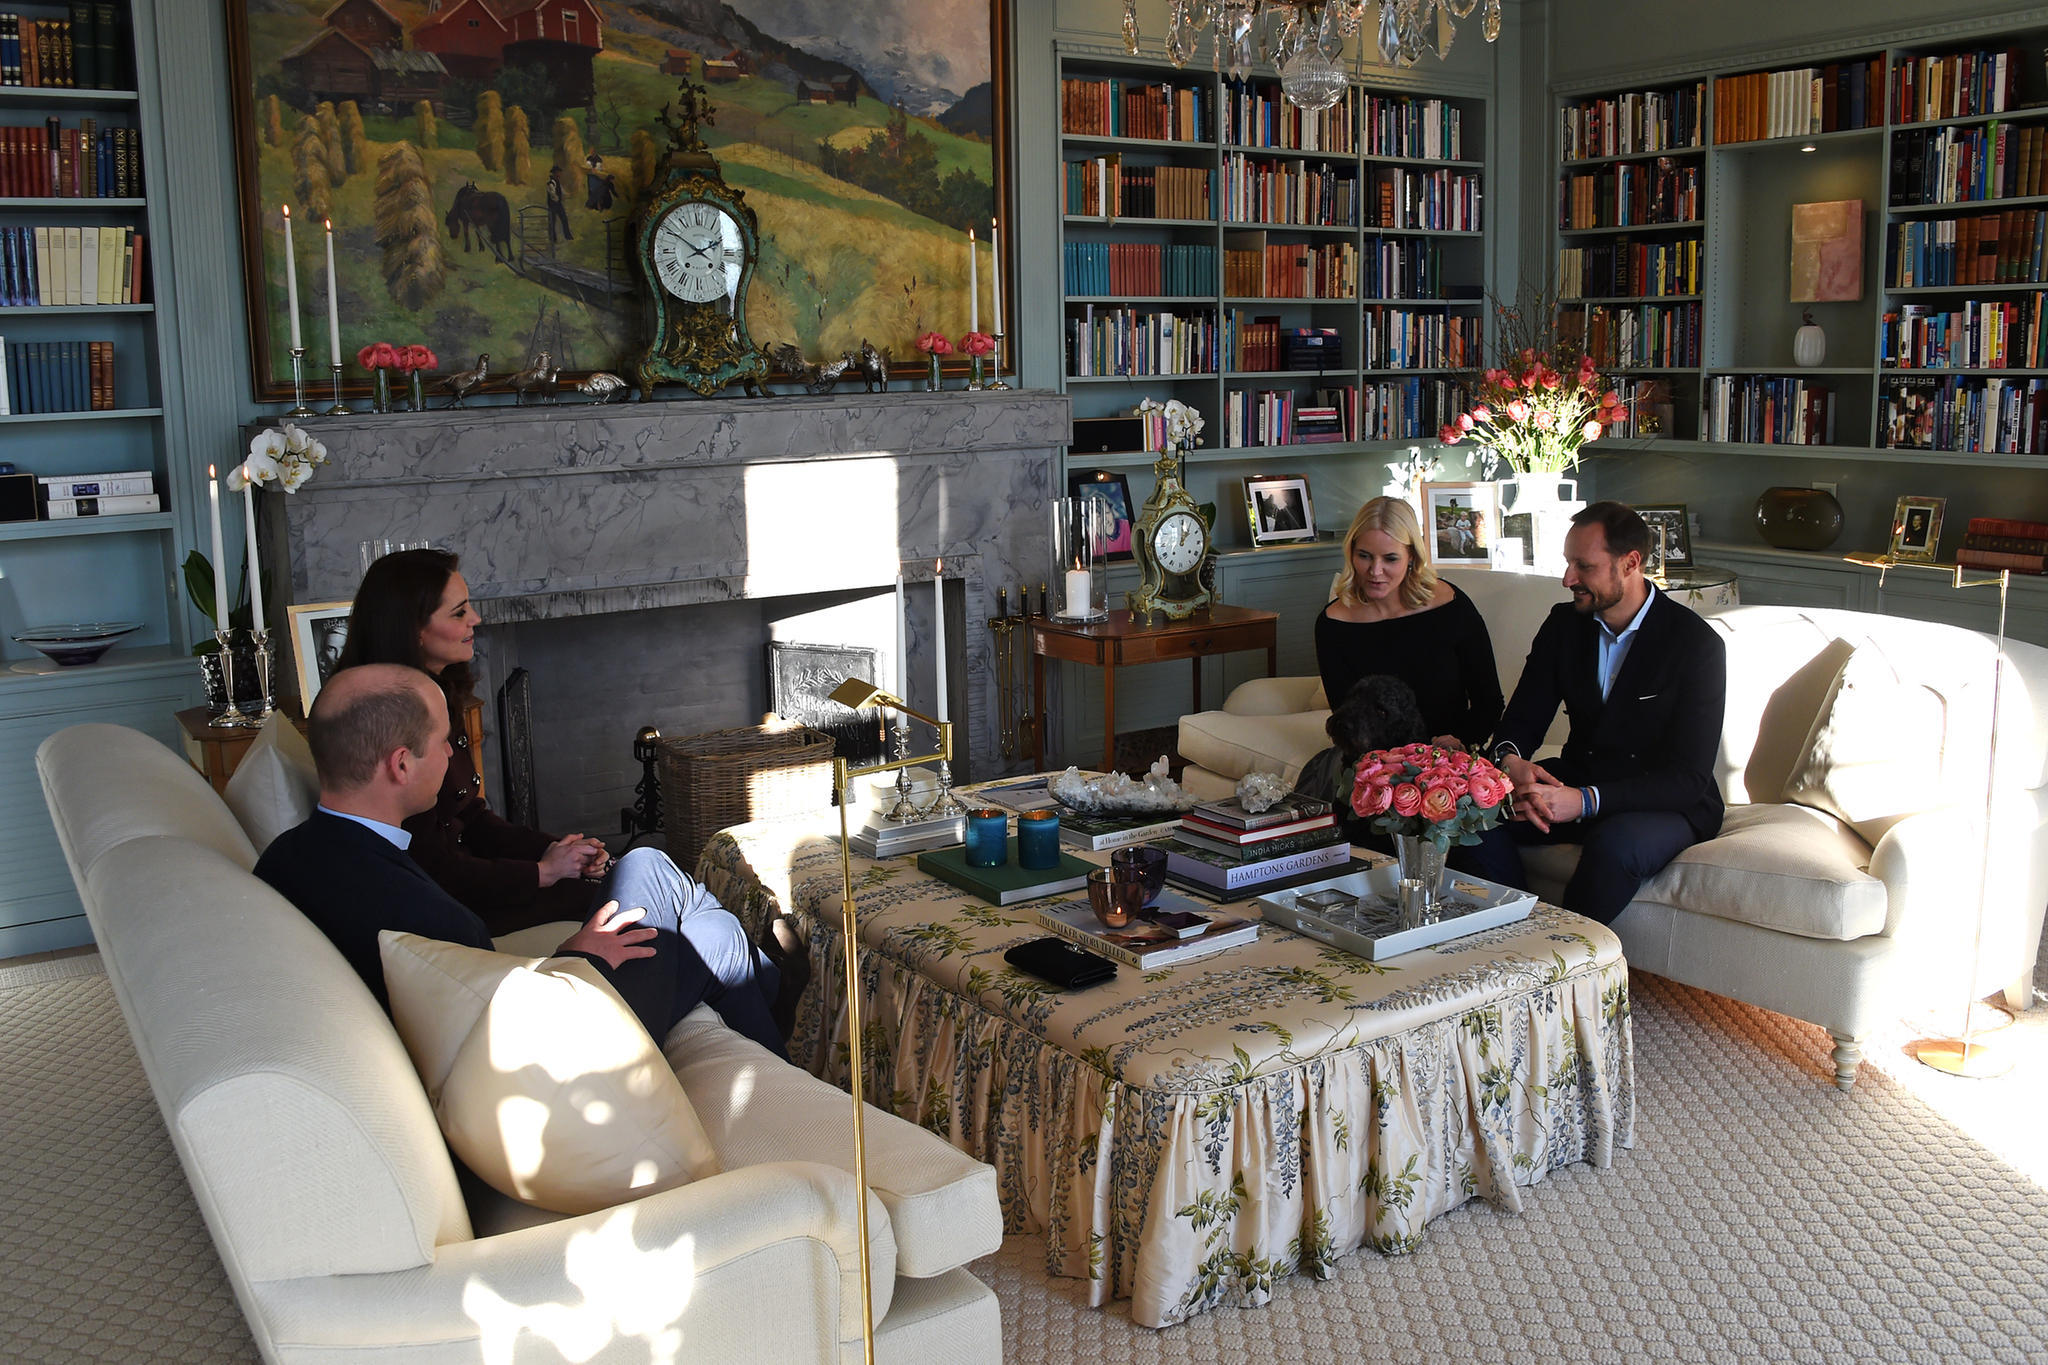 Besonders glückliche Nachbarn könnten auch noch auf andere Royals treffen: Im Februar 2018 empfingen Mette-Marit und Haakon Prinz William und Herzogin Catherine zum Lunch.